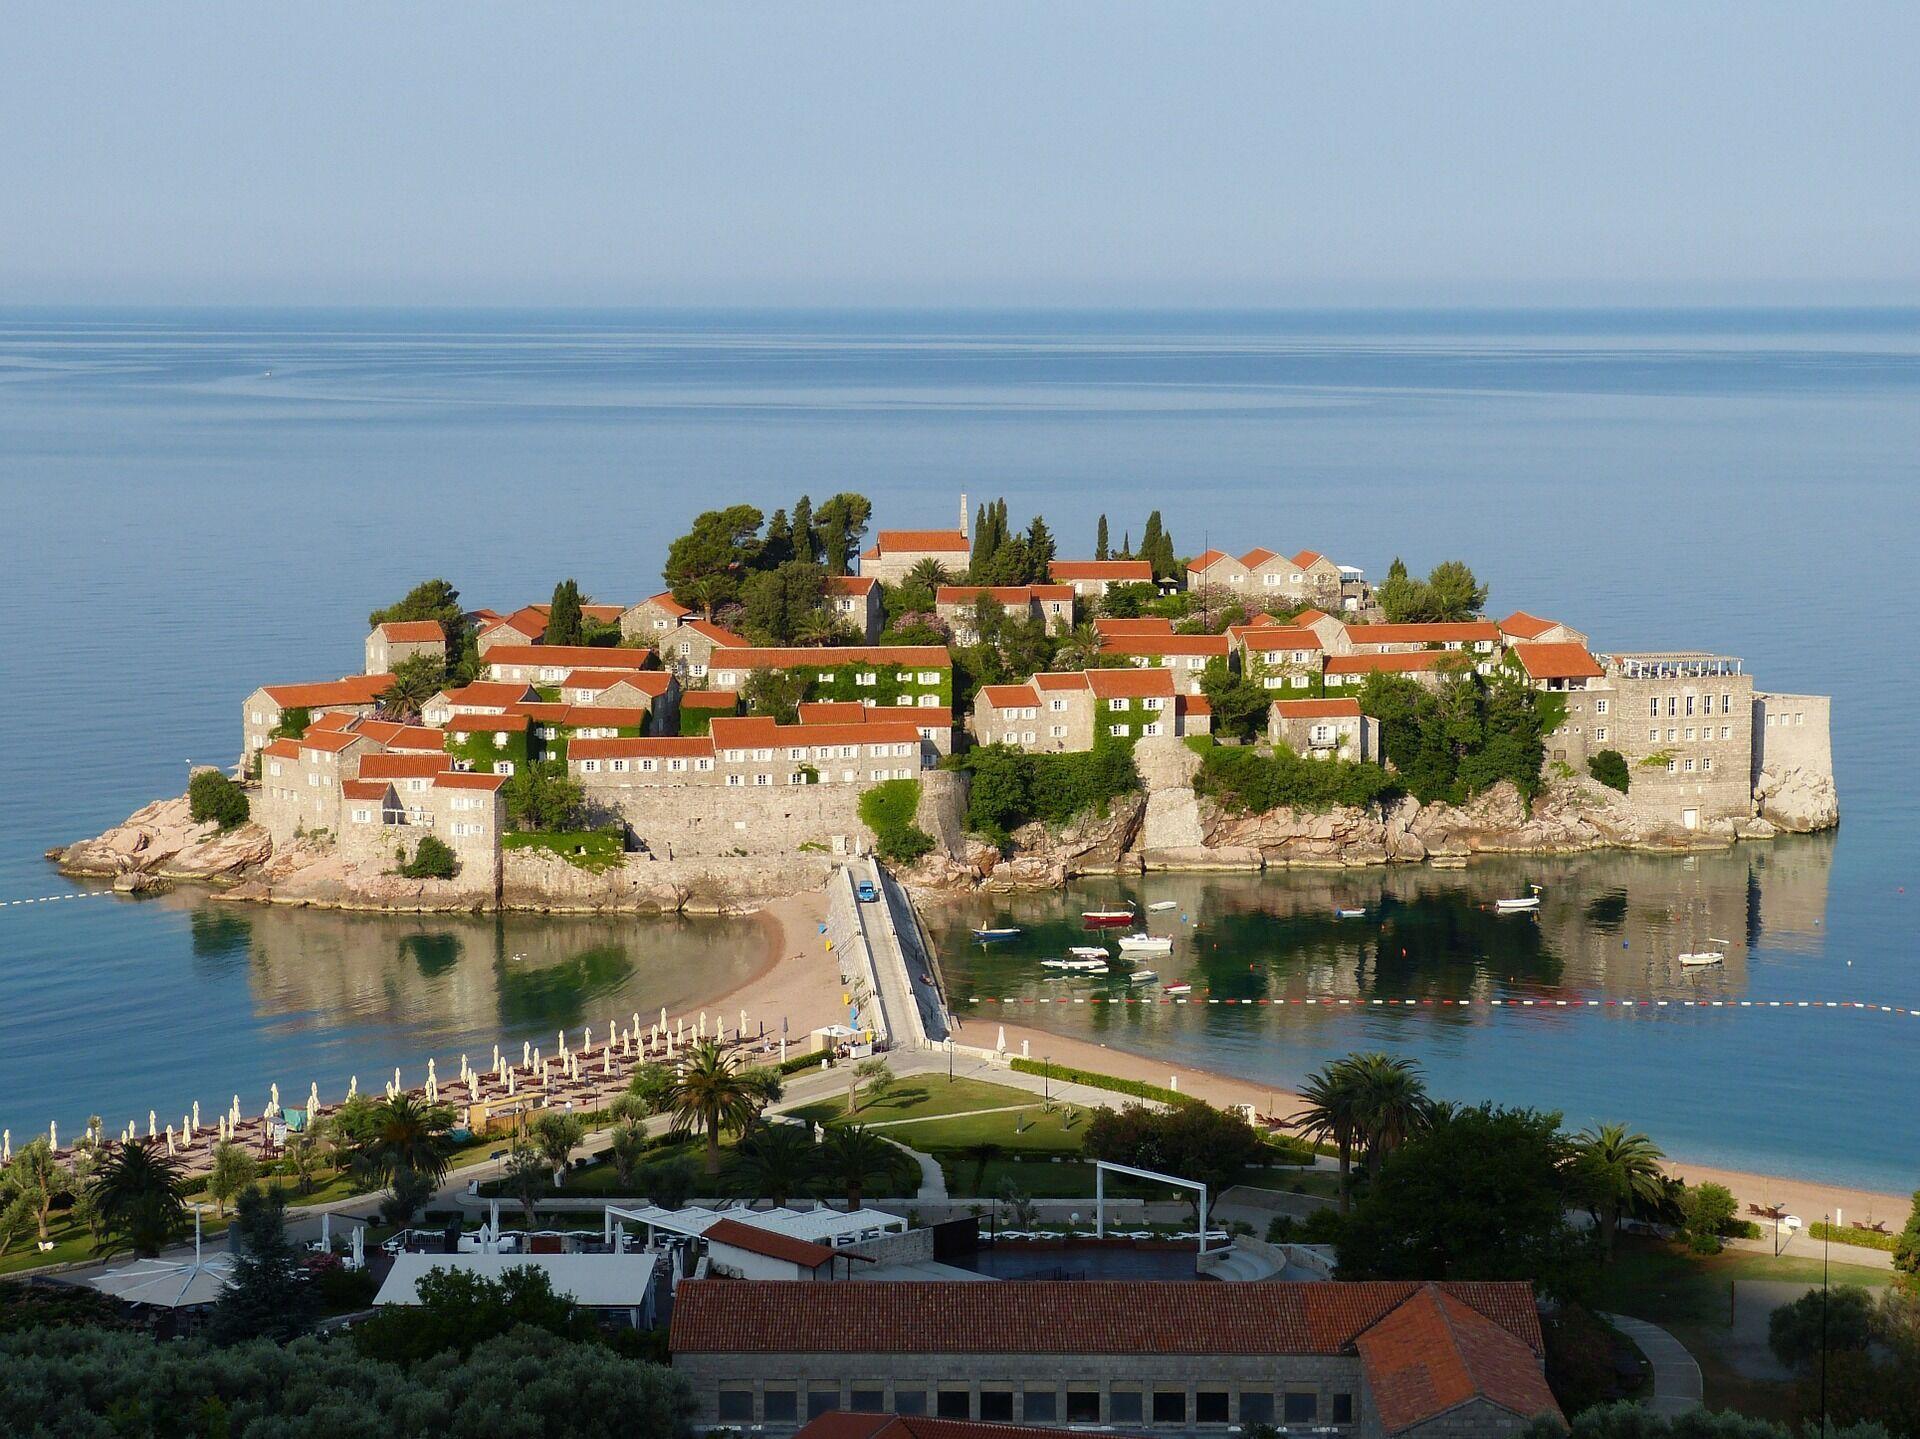 В Черногории туристический сезон заканчивается в сентябре